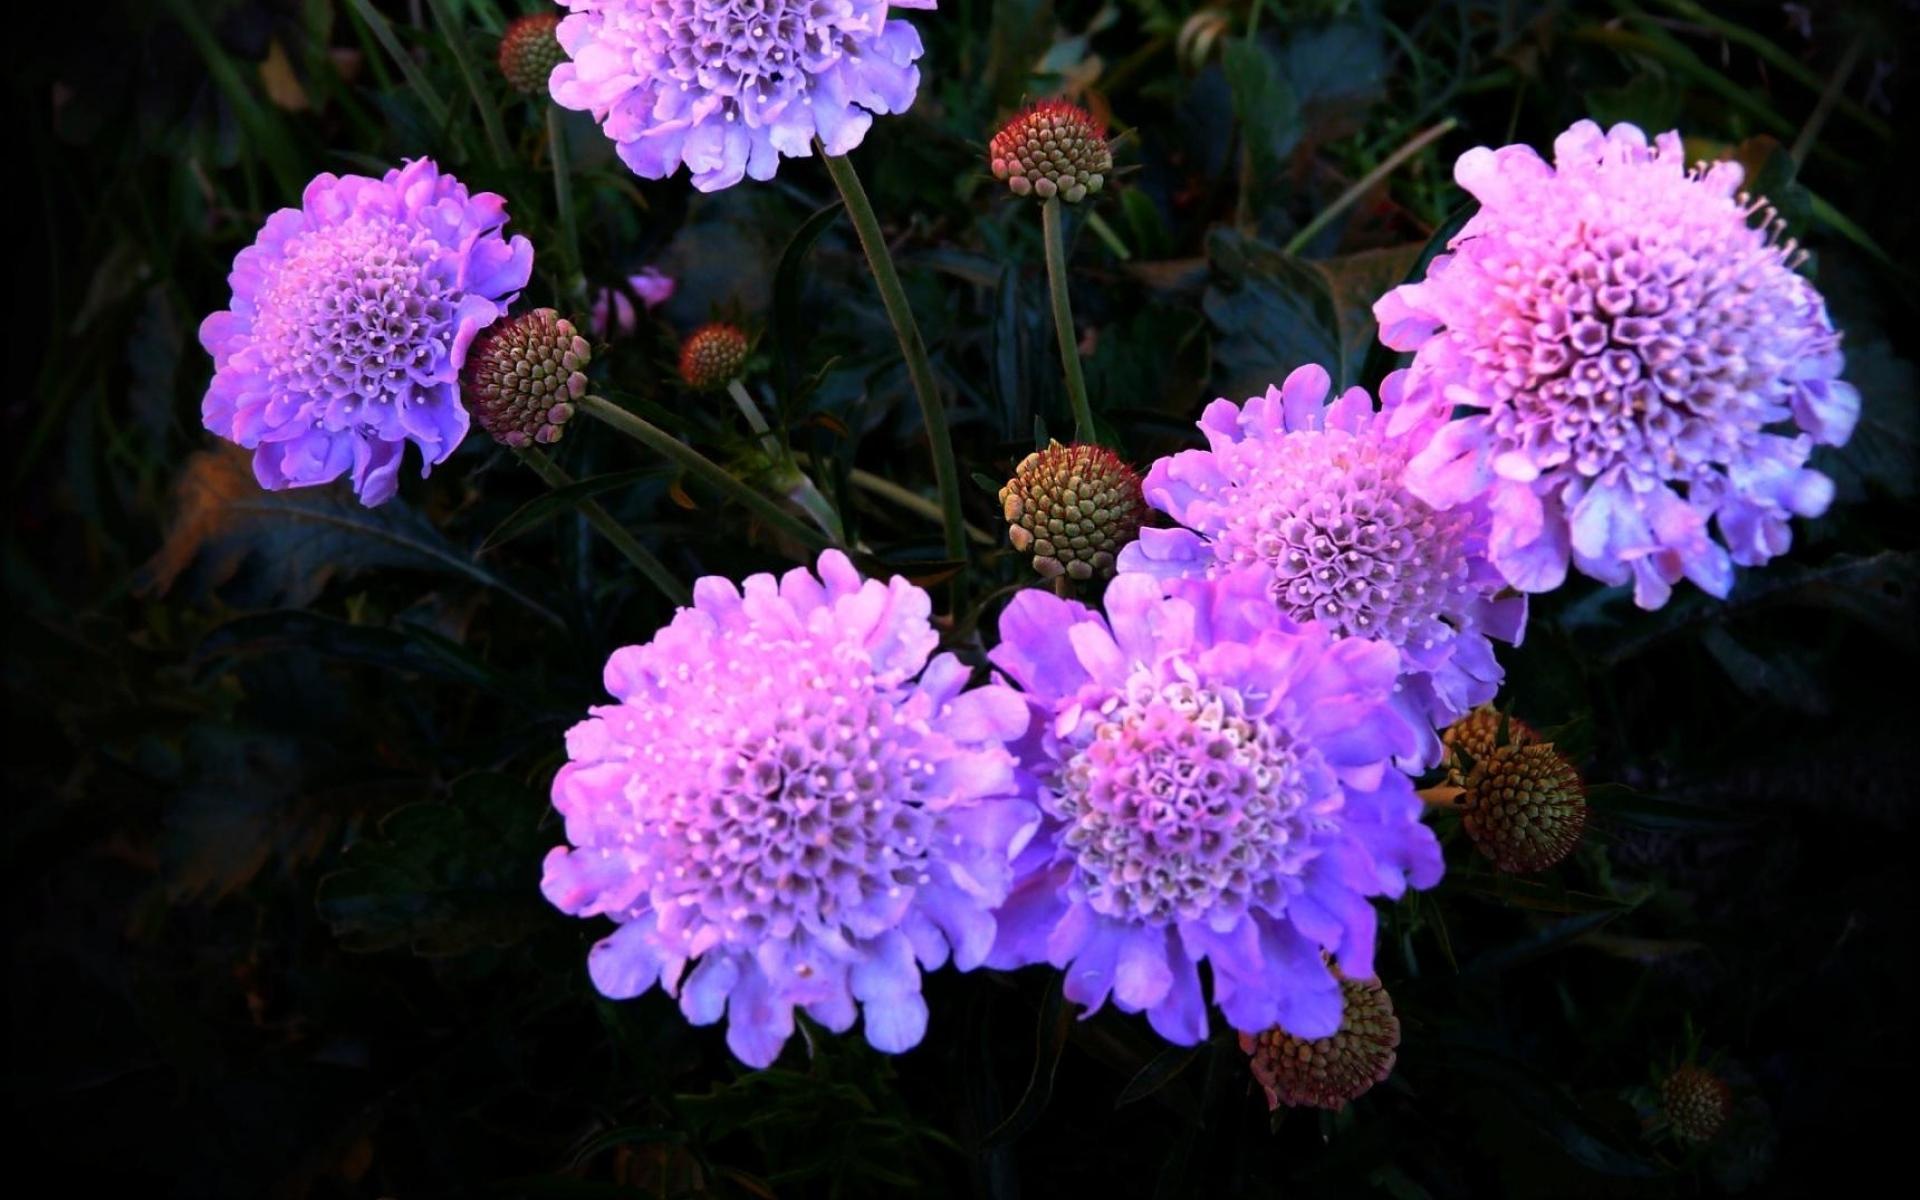 Картинки Цветы, фиолетовый, ночь, клумба фото и обои на рабочий стол